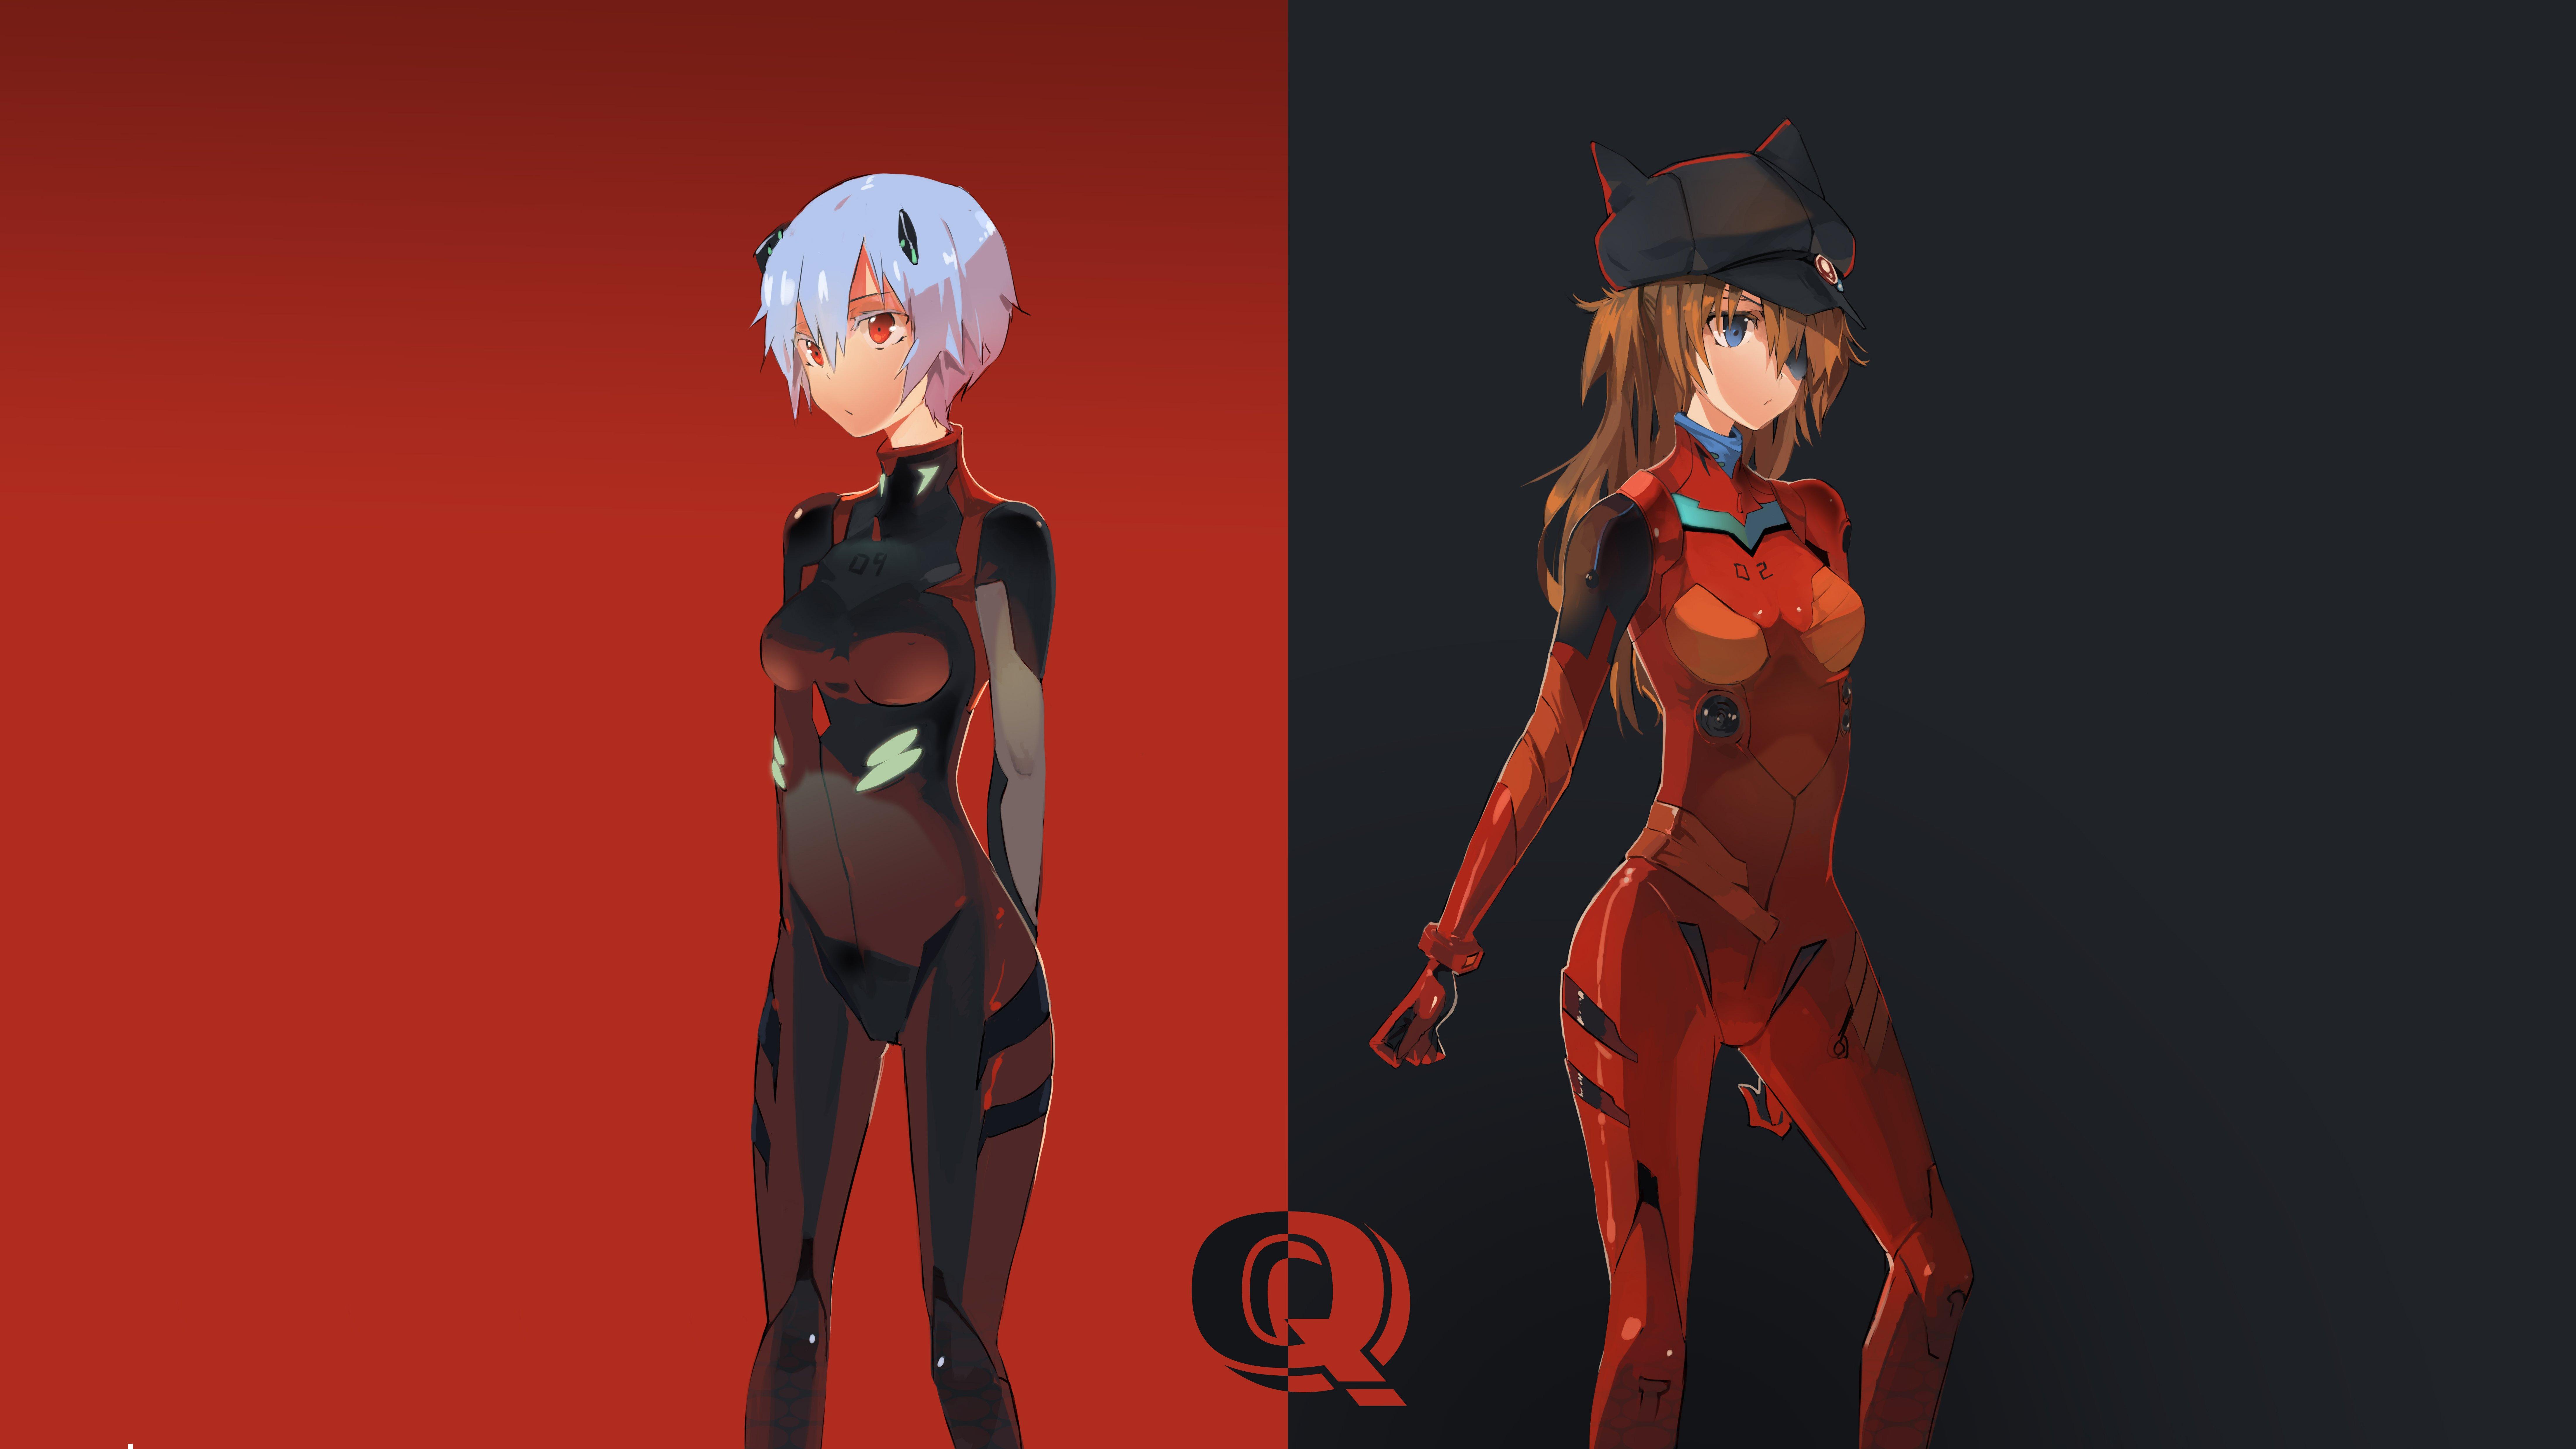 Fondos de pantalla Anime Neon Genesis Evangelion